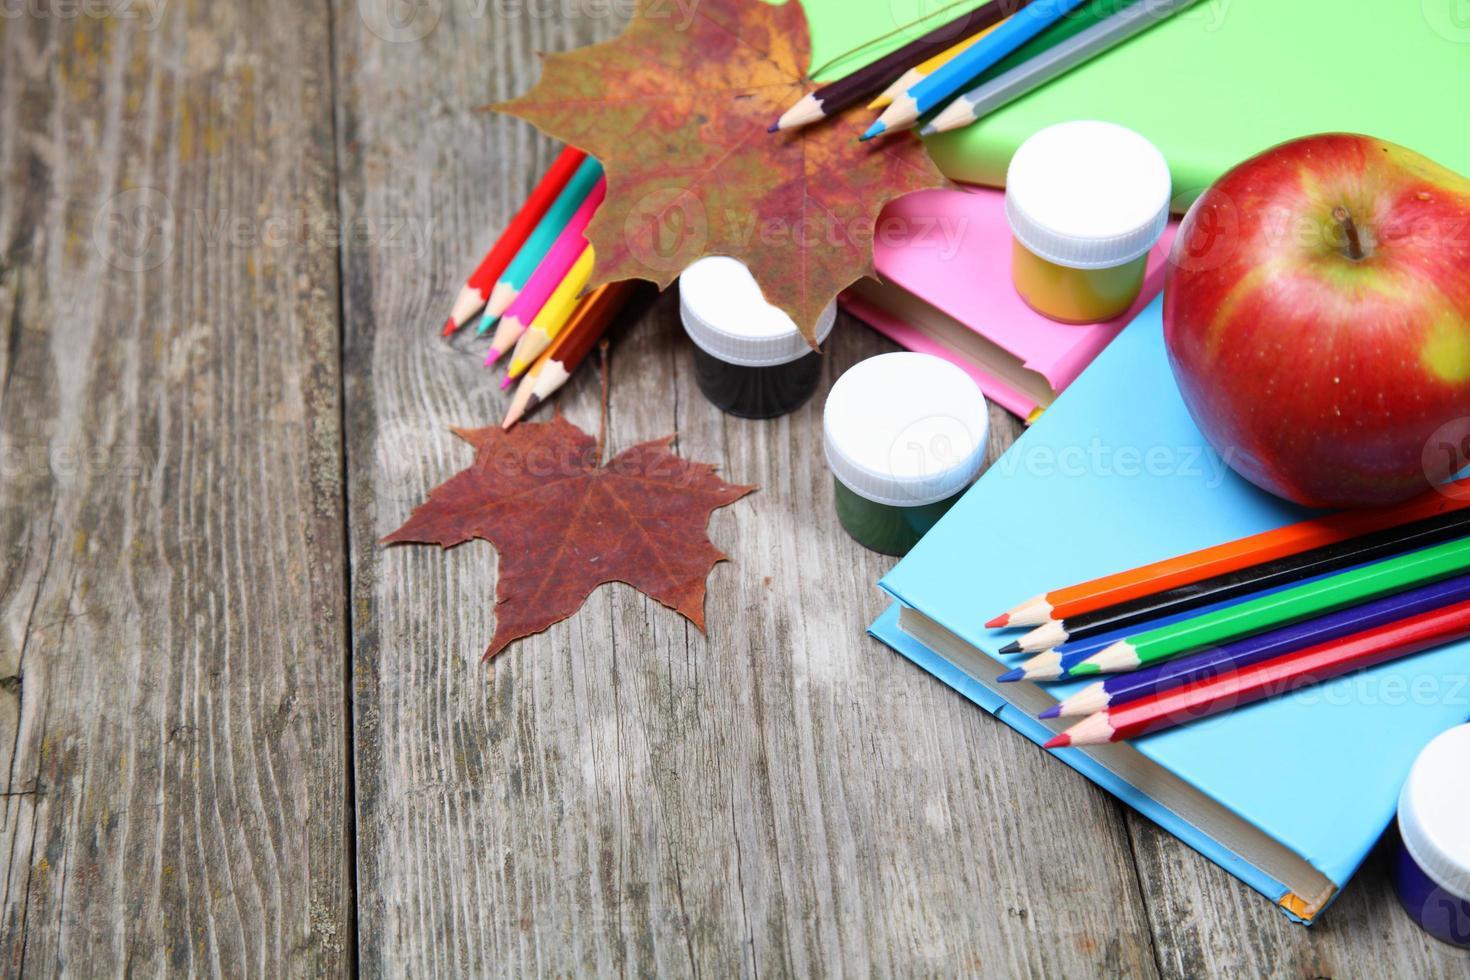 libros, lápices y hojas de arce foto